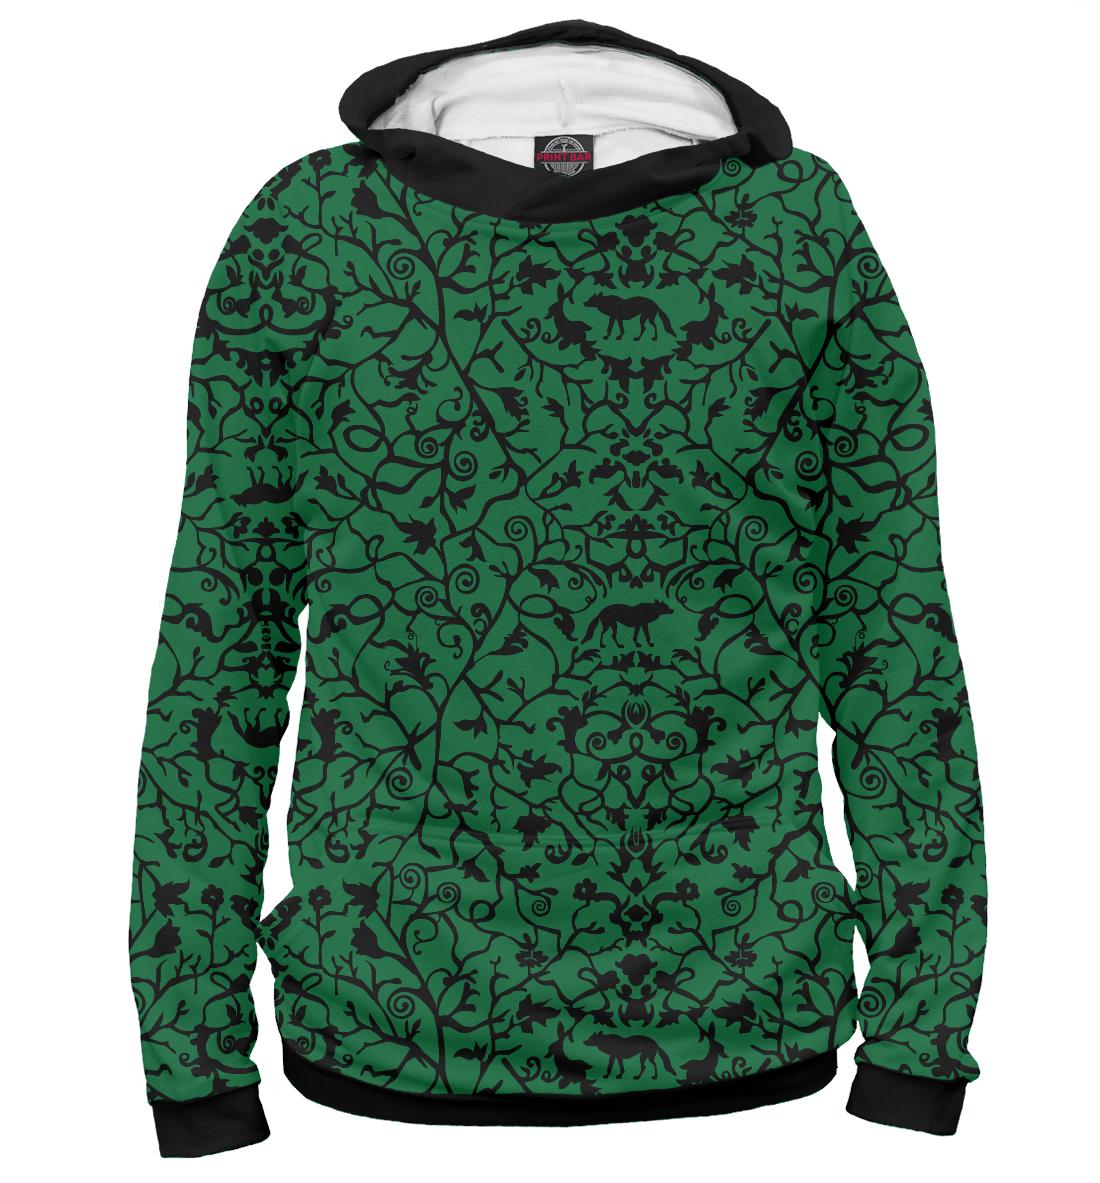 Купить Abstract Wolf Green, Printbar, Худи, ABS-712445-hud-2